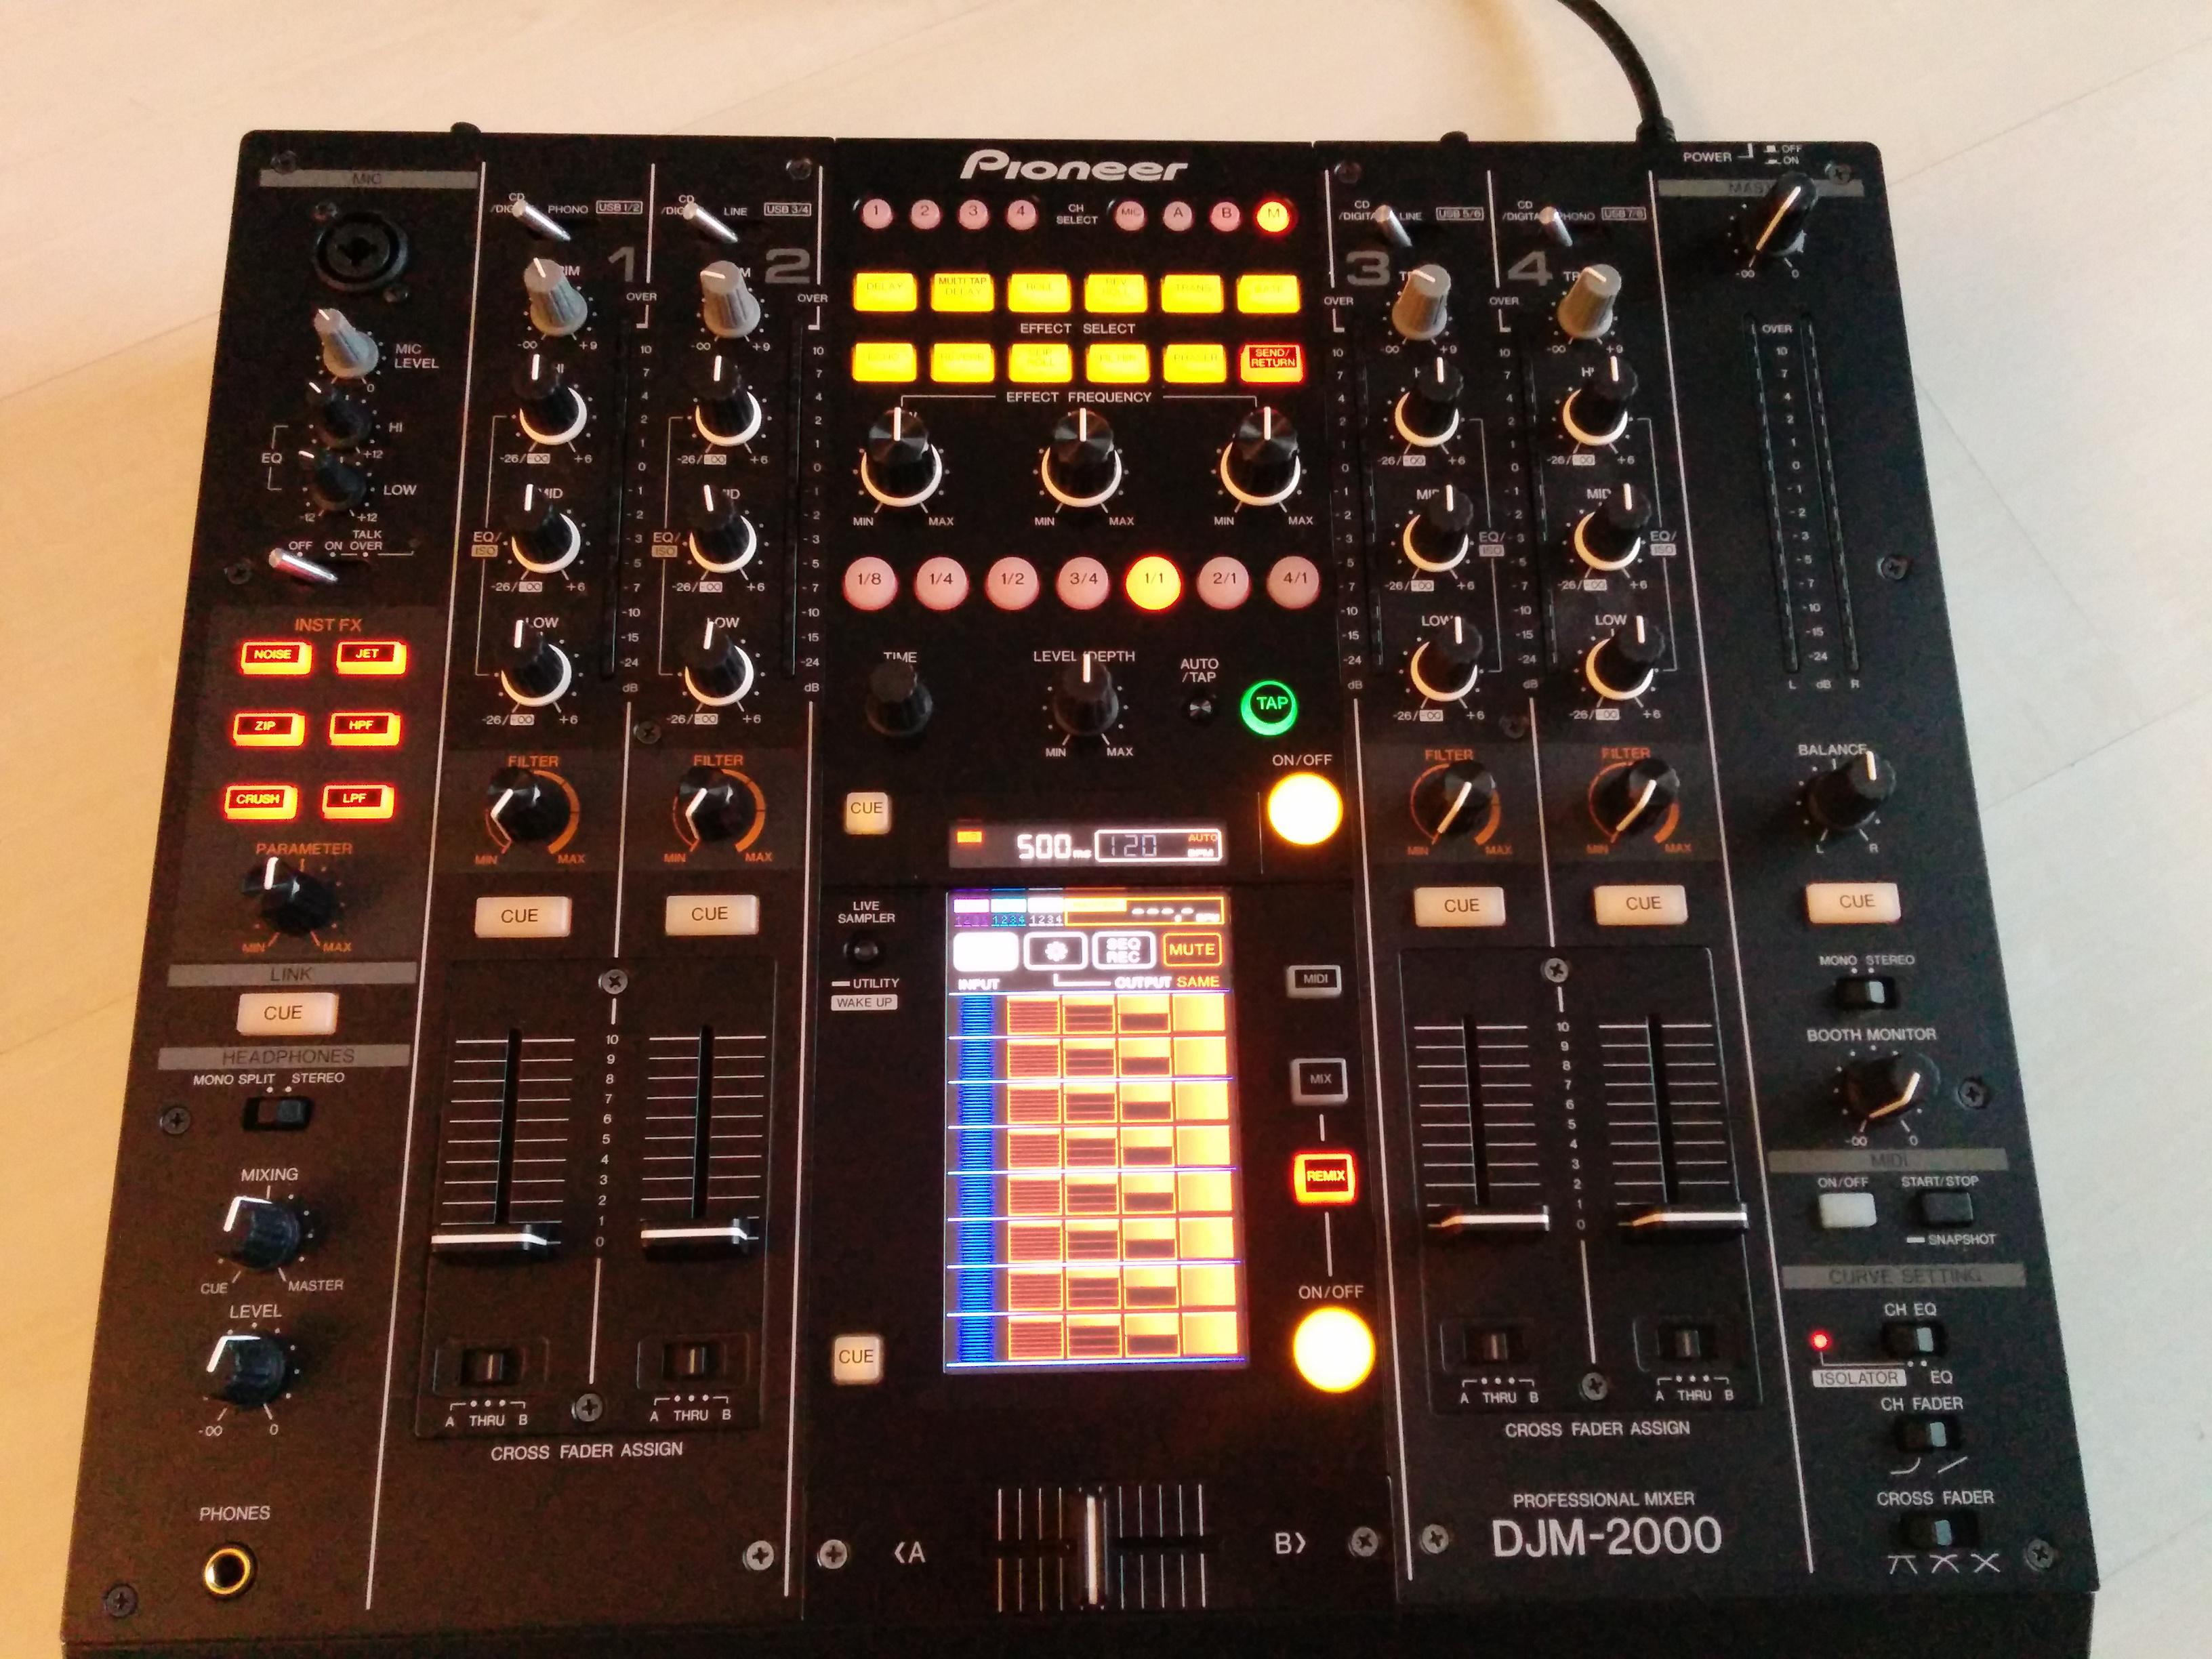 Vends table de mixage pioneer djm 2000 excellent etat - Table de mixage pioneer djm 2000 ...